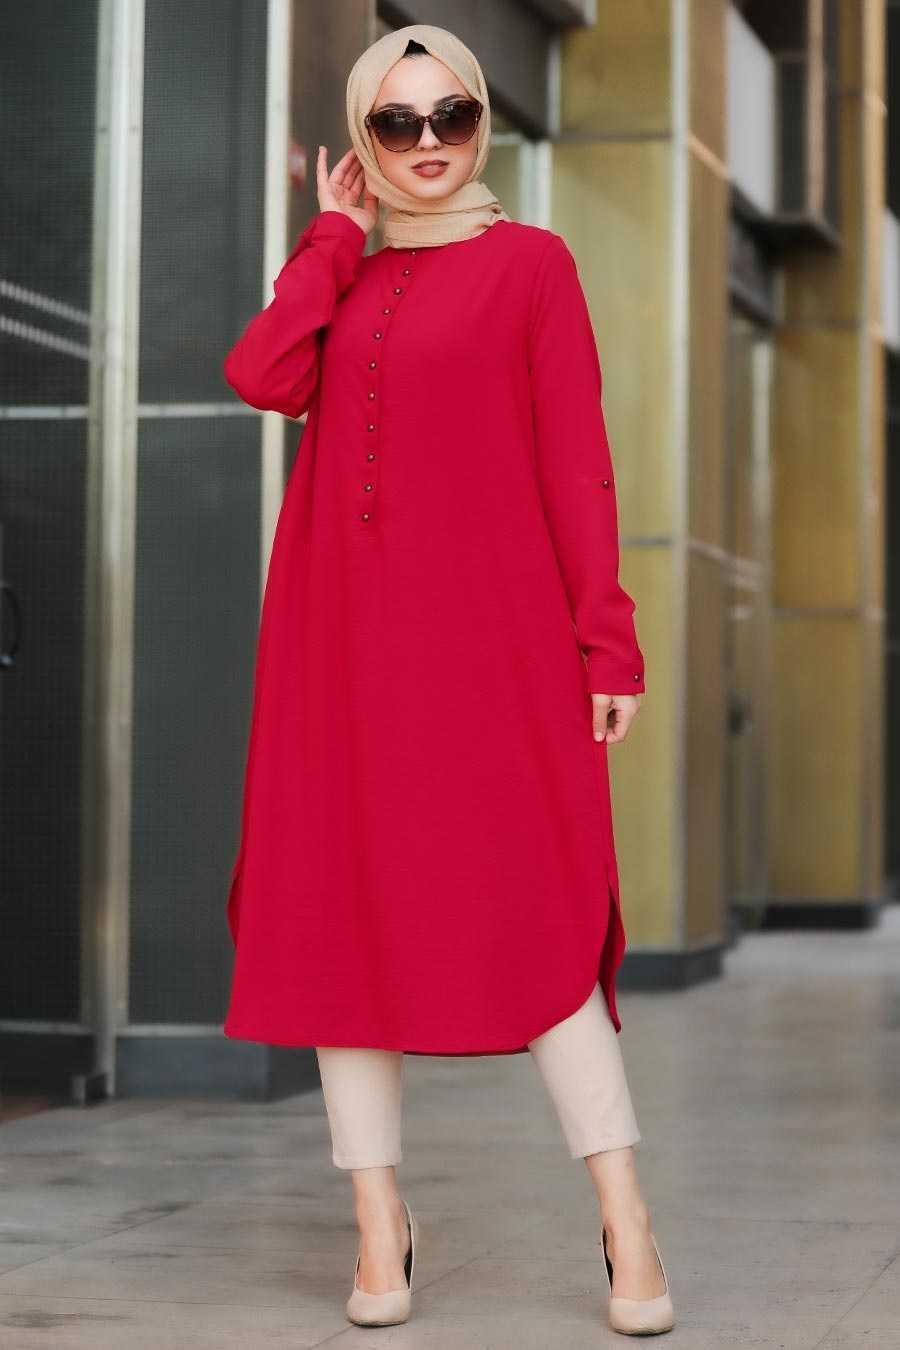 Neva Style Tesettür Düğmeli Kırmızı Tunik Modelleri